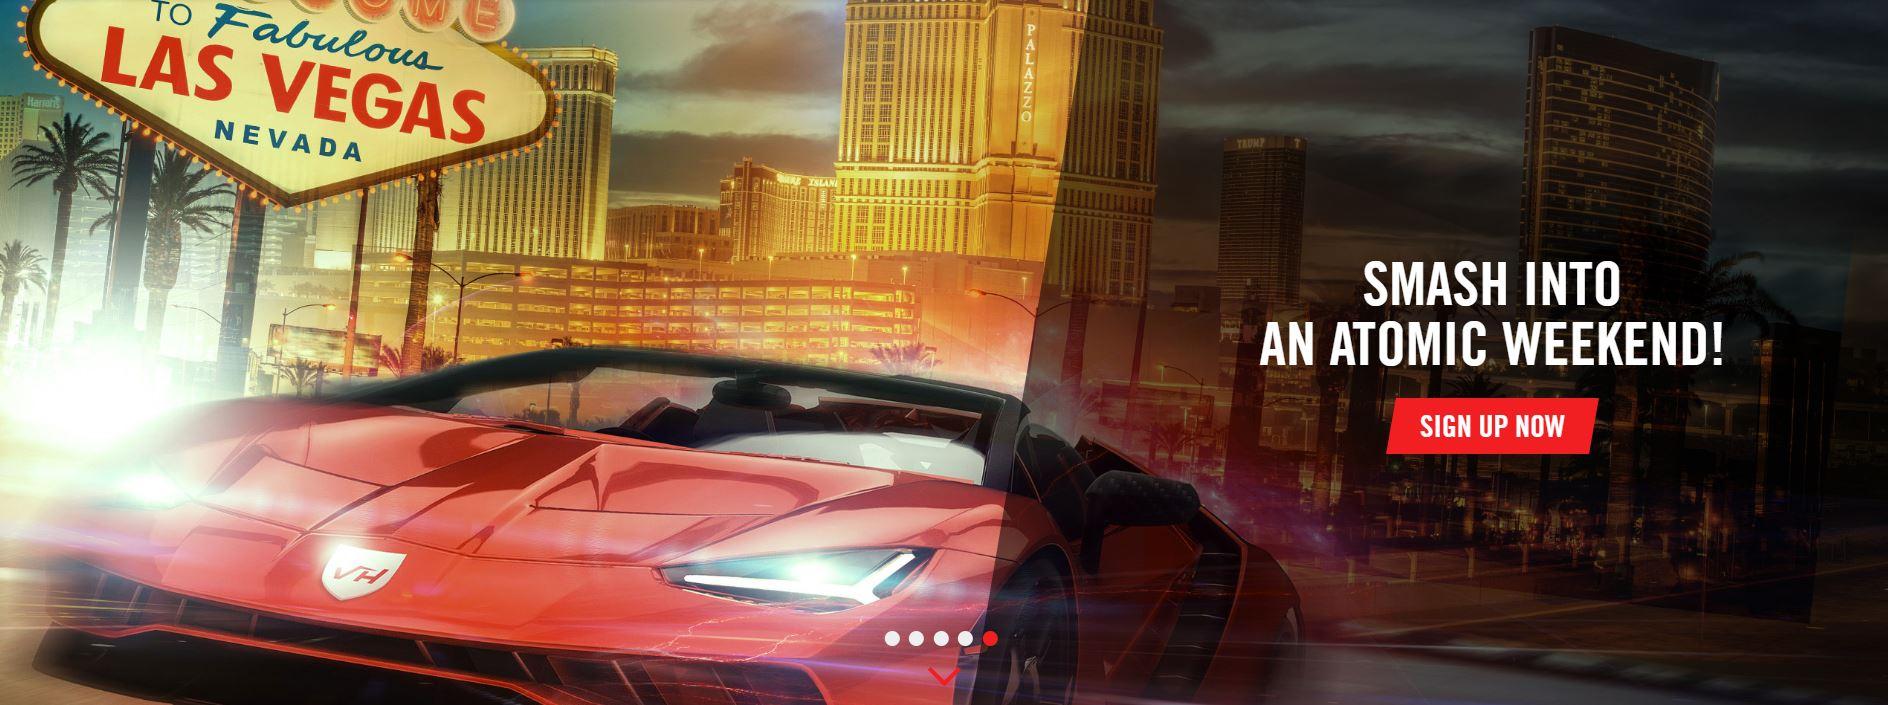 Atomic Weekend at Vegas Hero